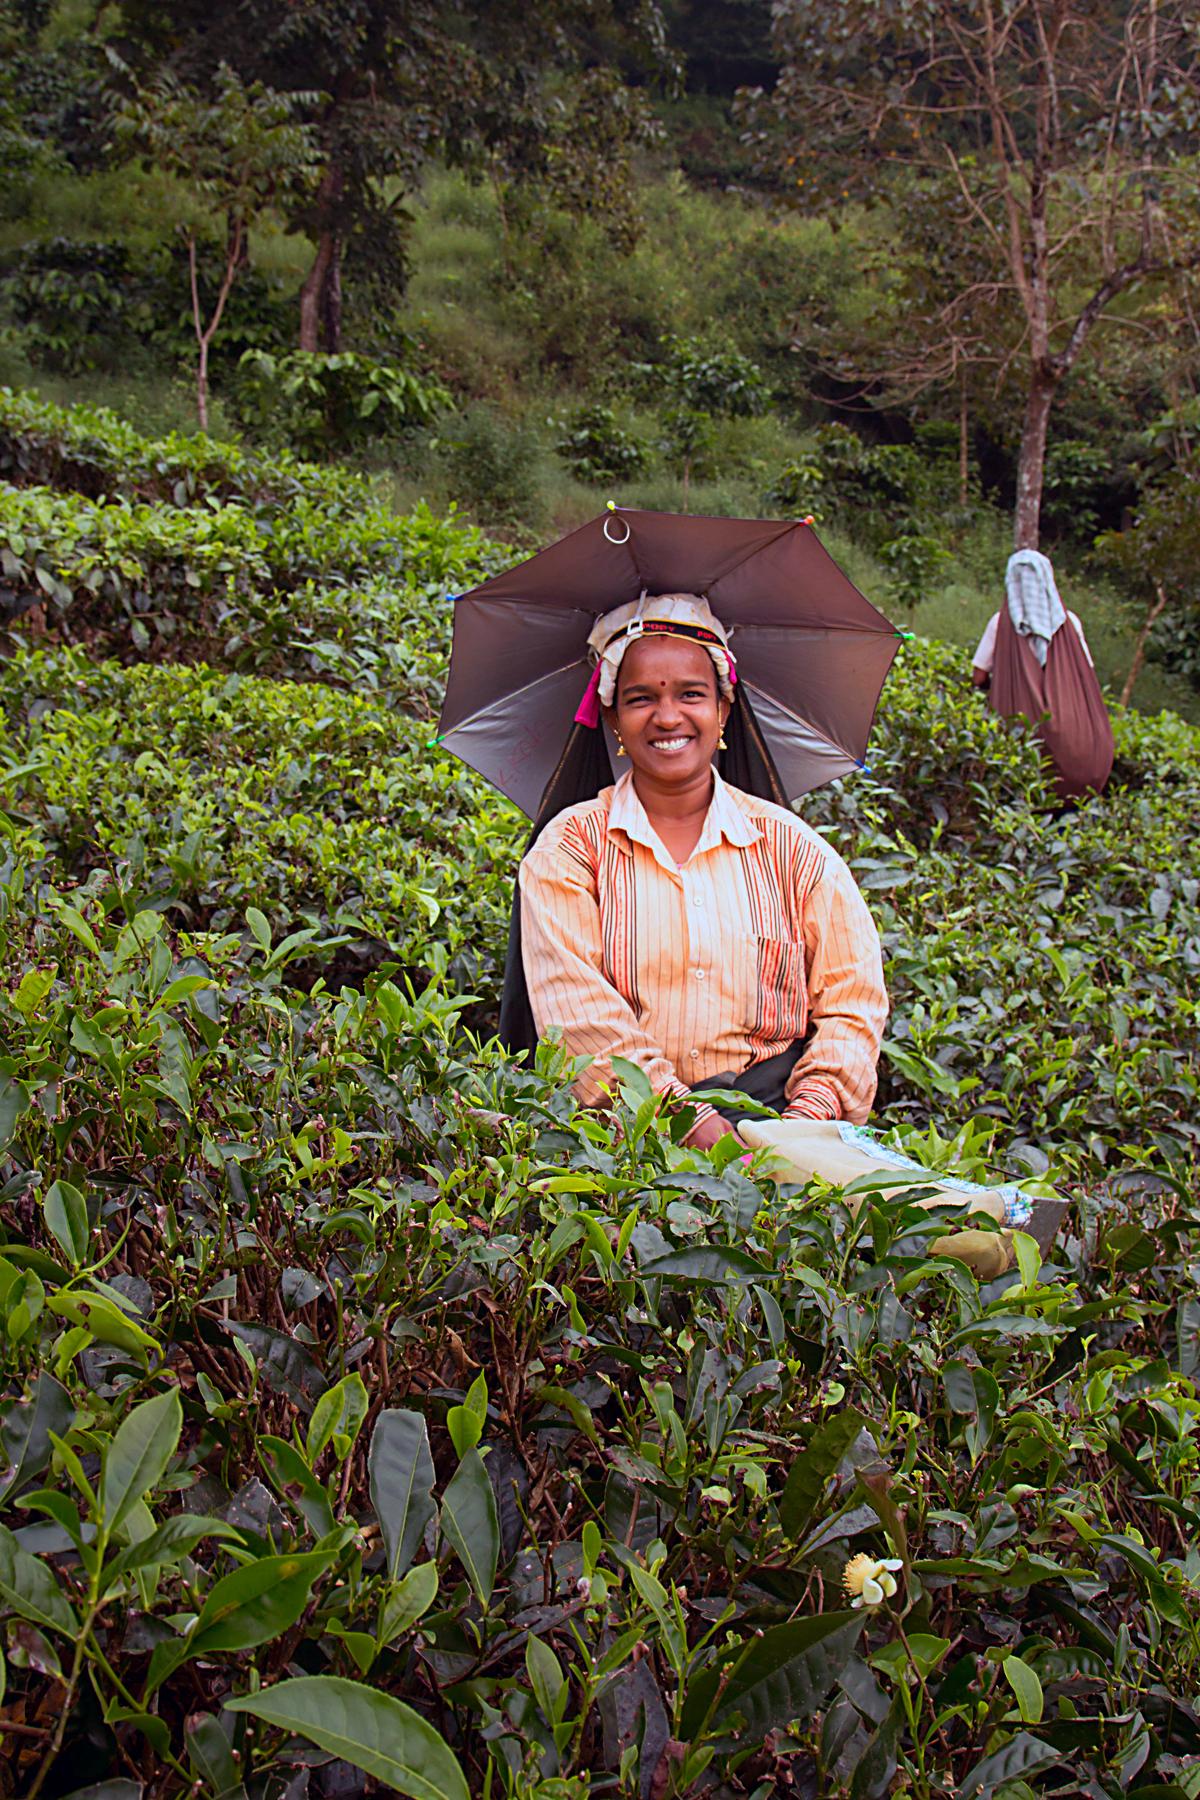 INDIEN Teeplantage FINEST-onTour 8174-2.jpg